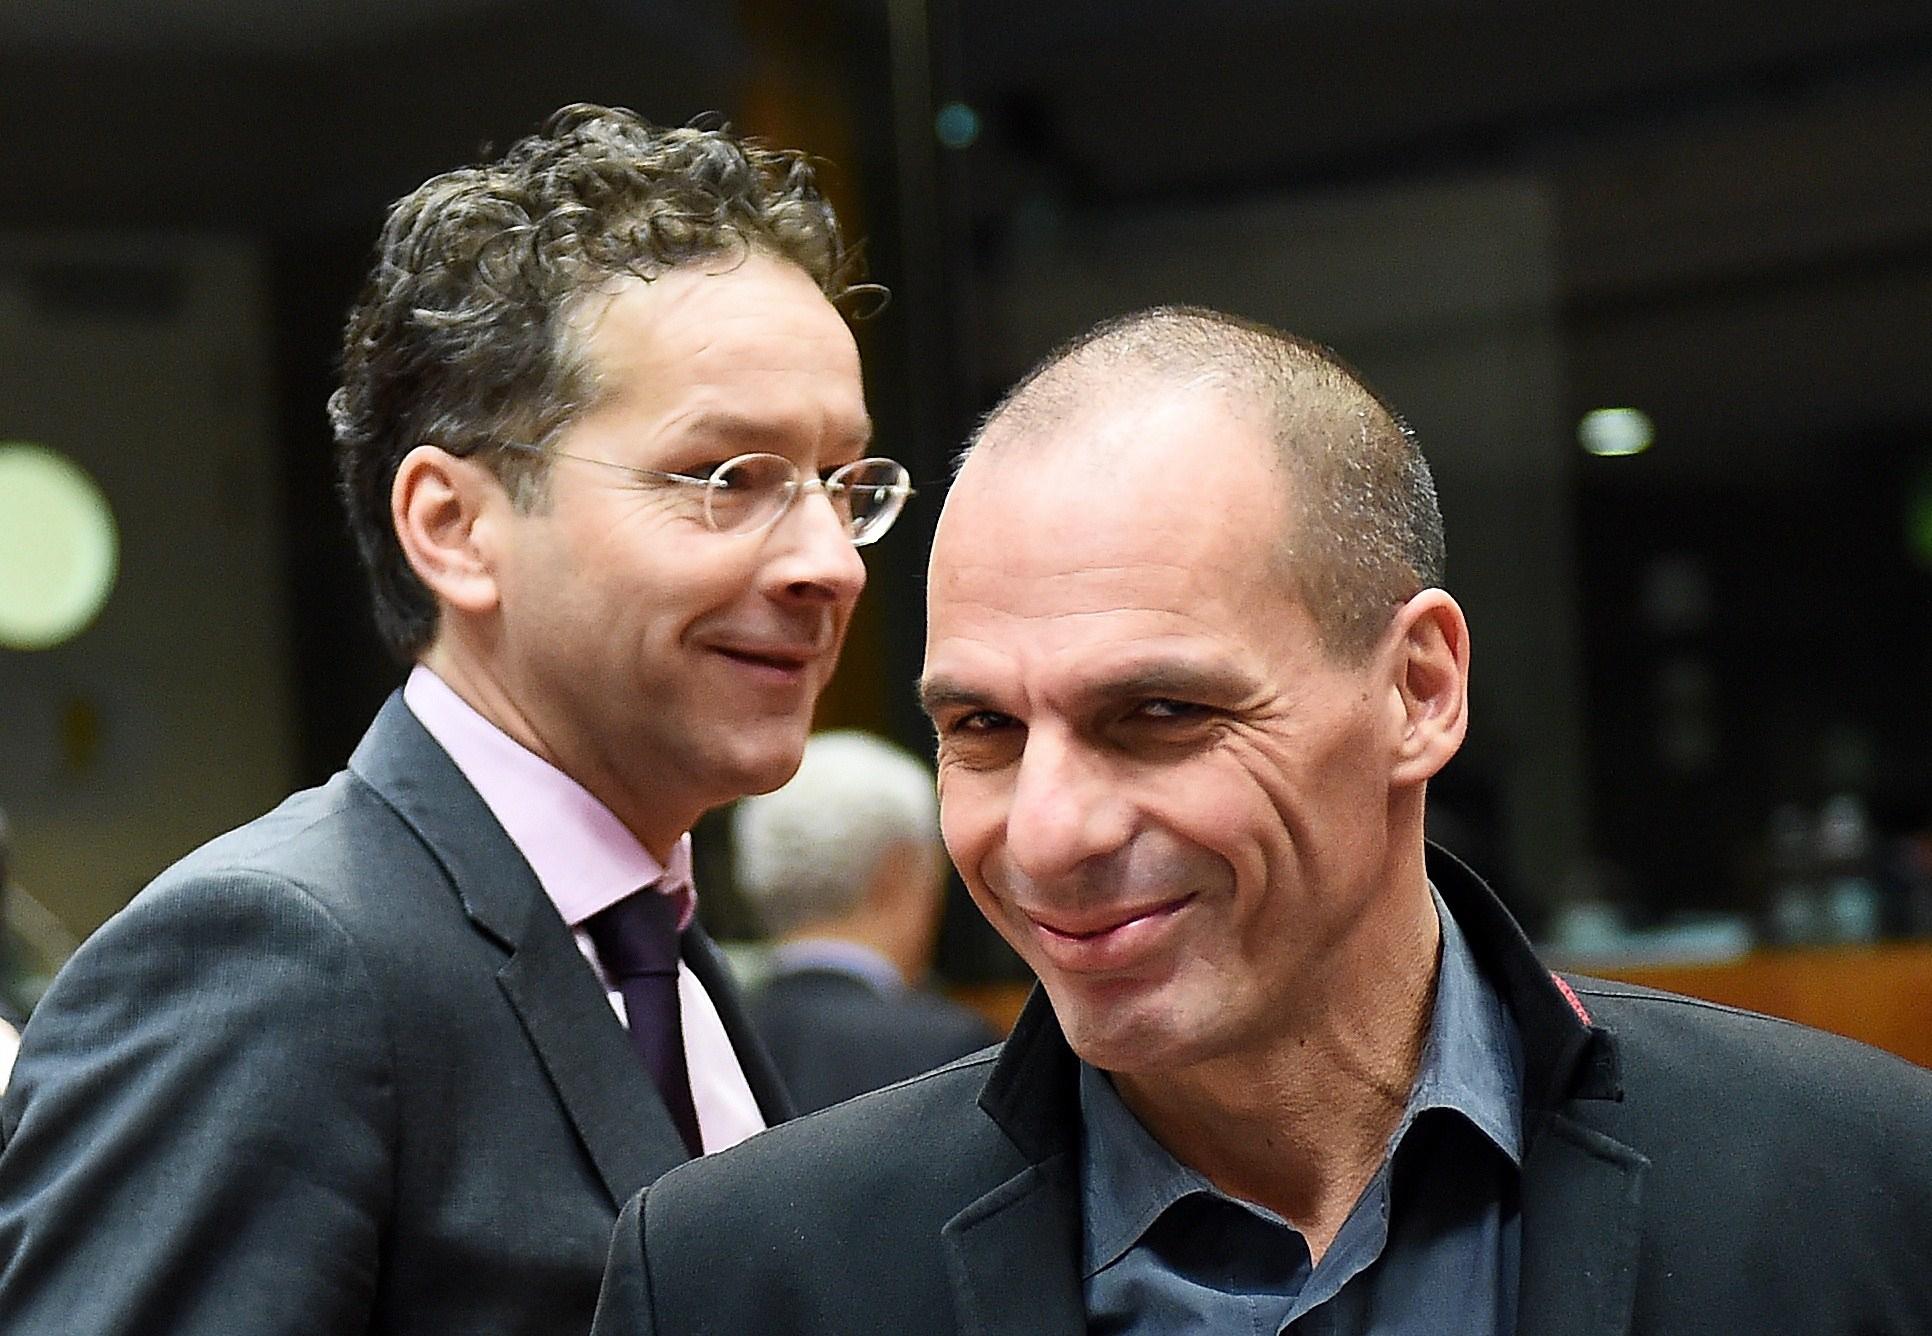 Griechenland Liveticker: Regierung will Kreditprogramm verlängern